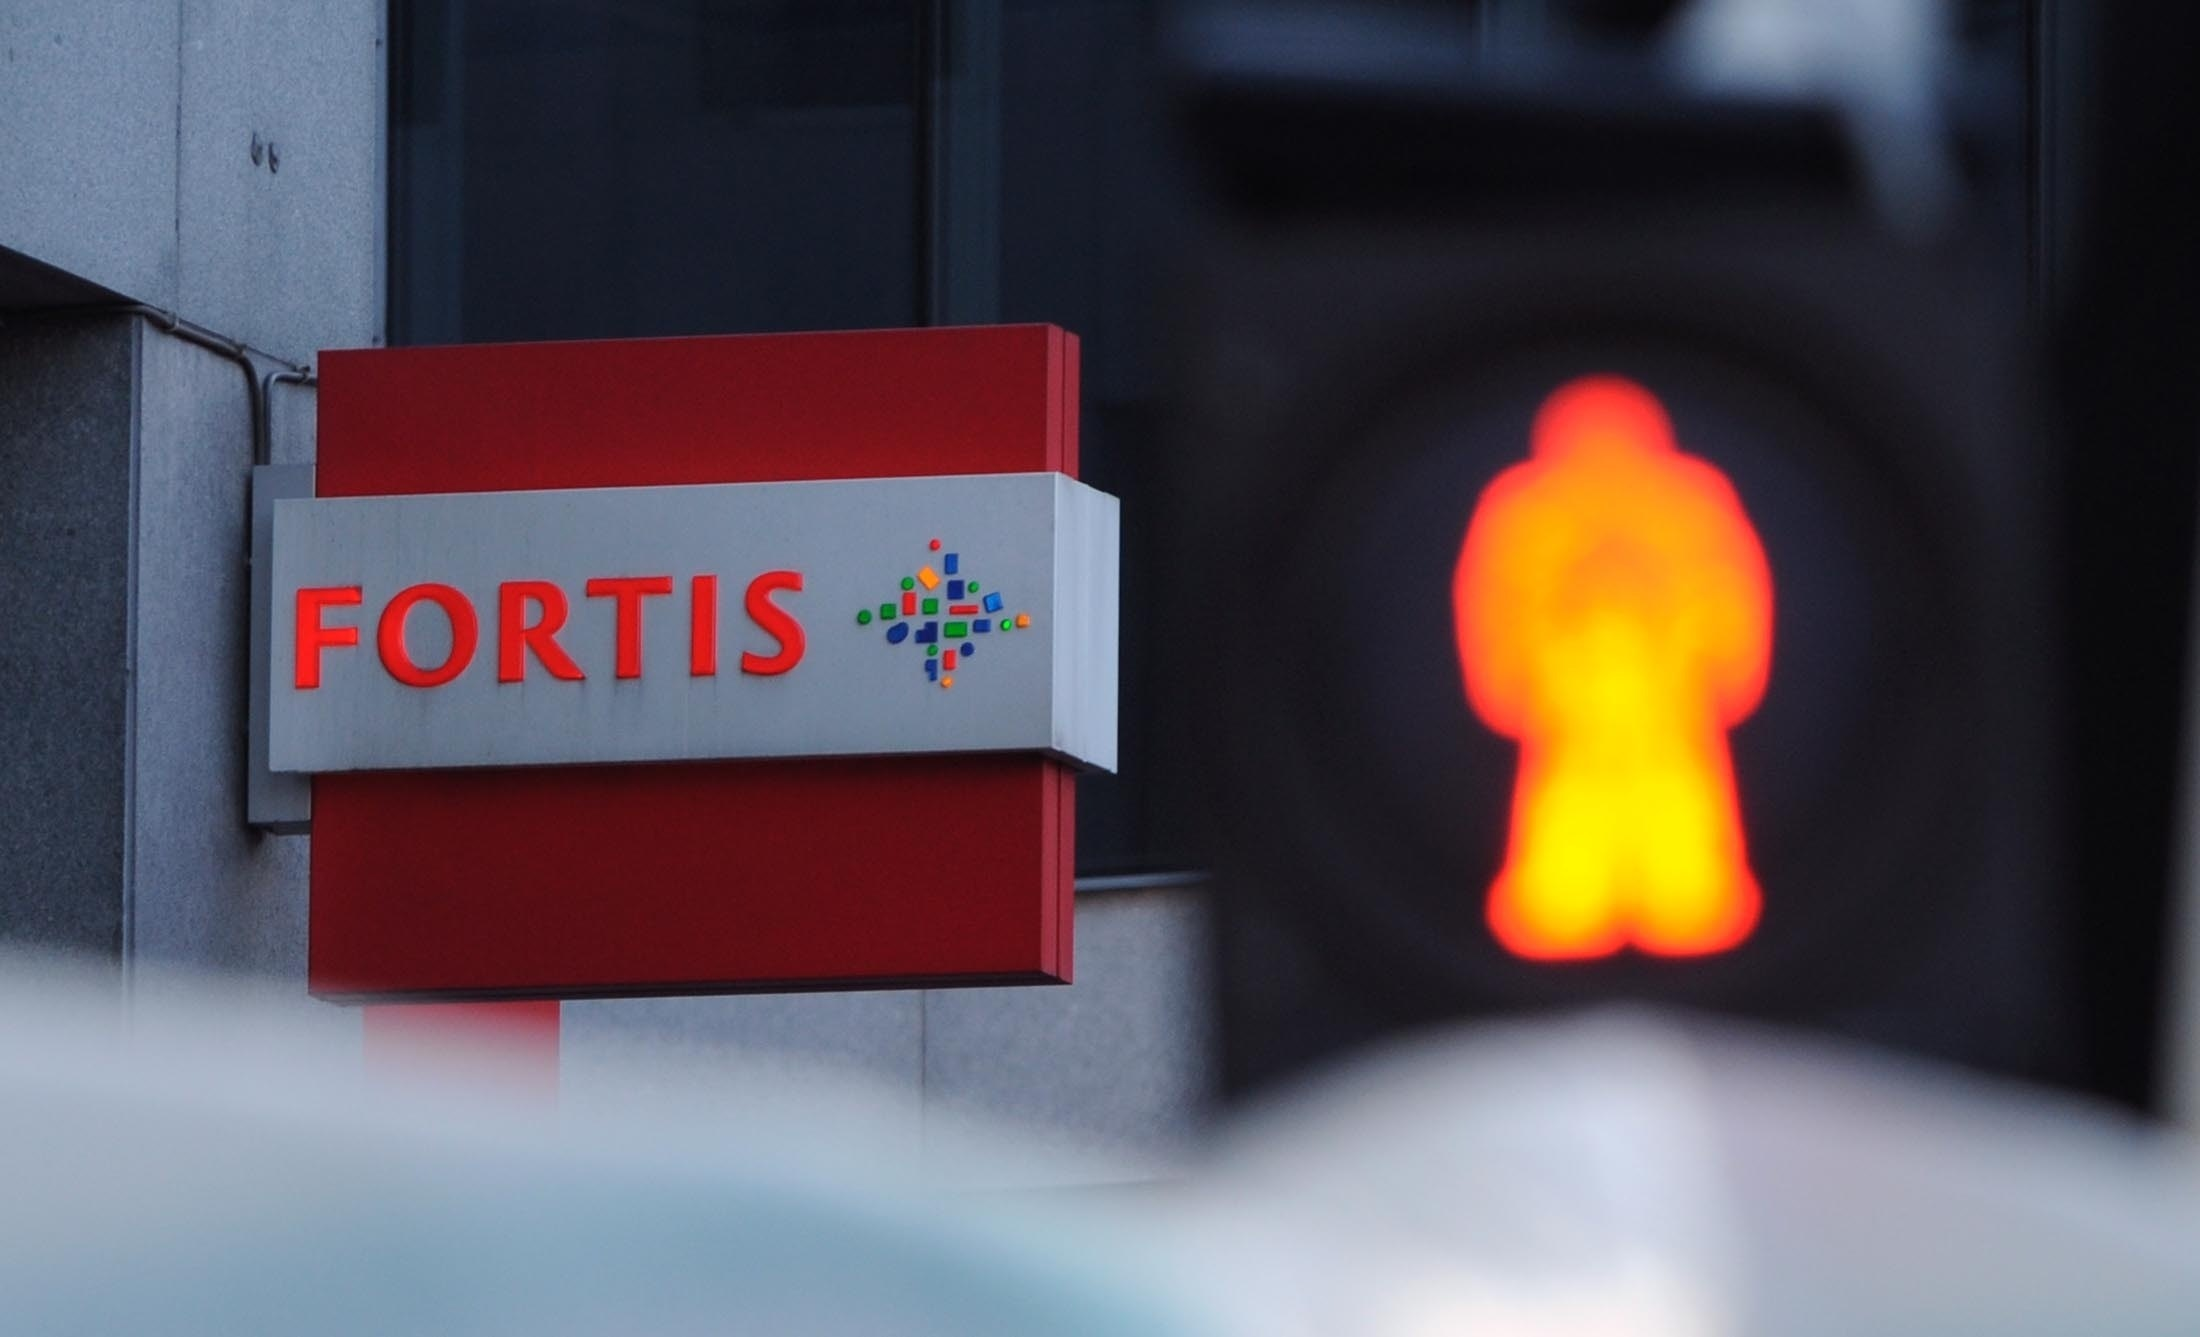 Beleggen bij BNP Paribas Fortis: aanbod, kosten en rendementen